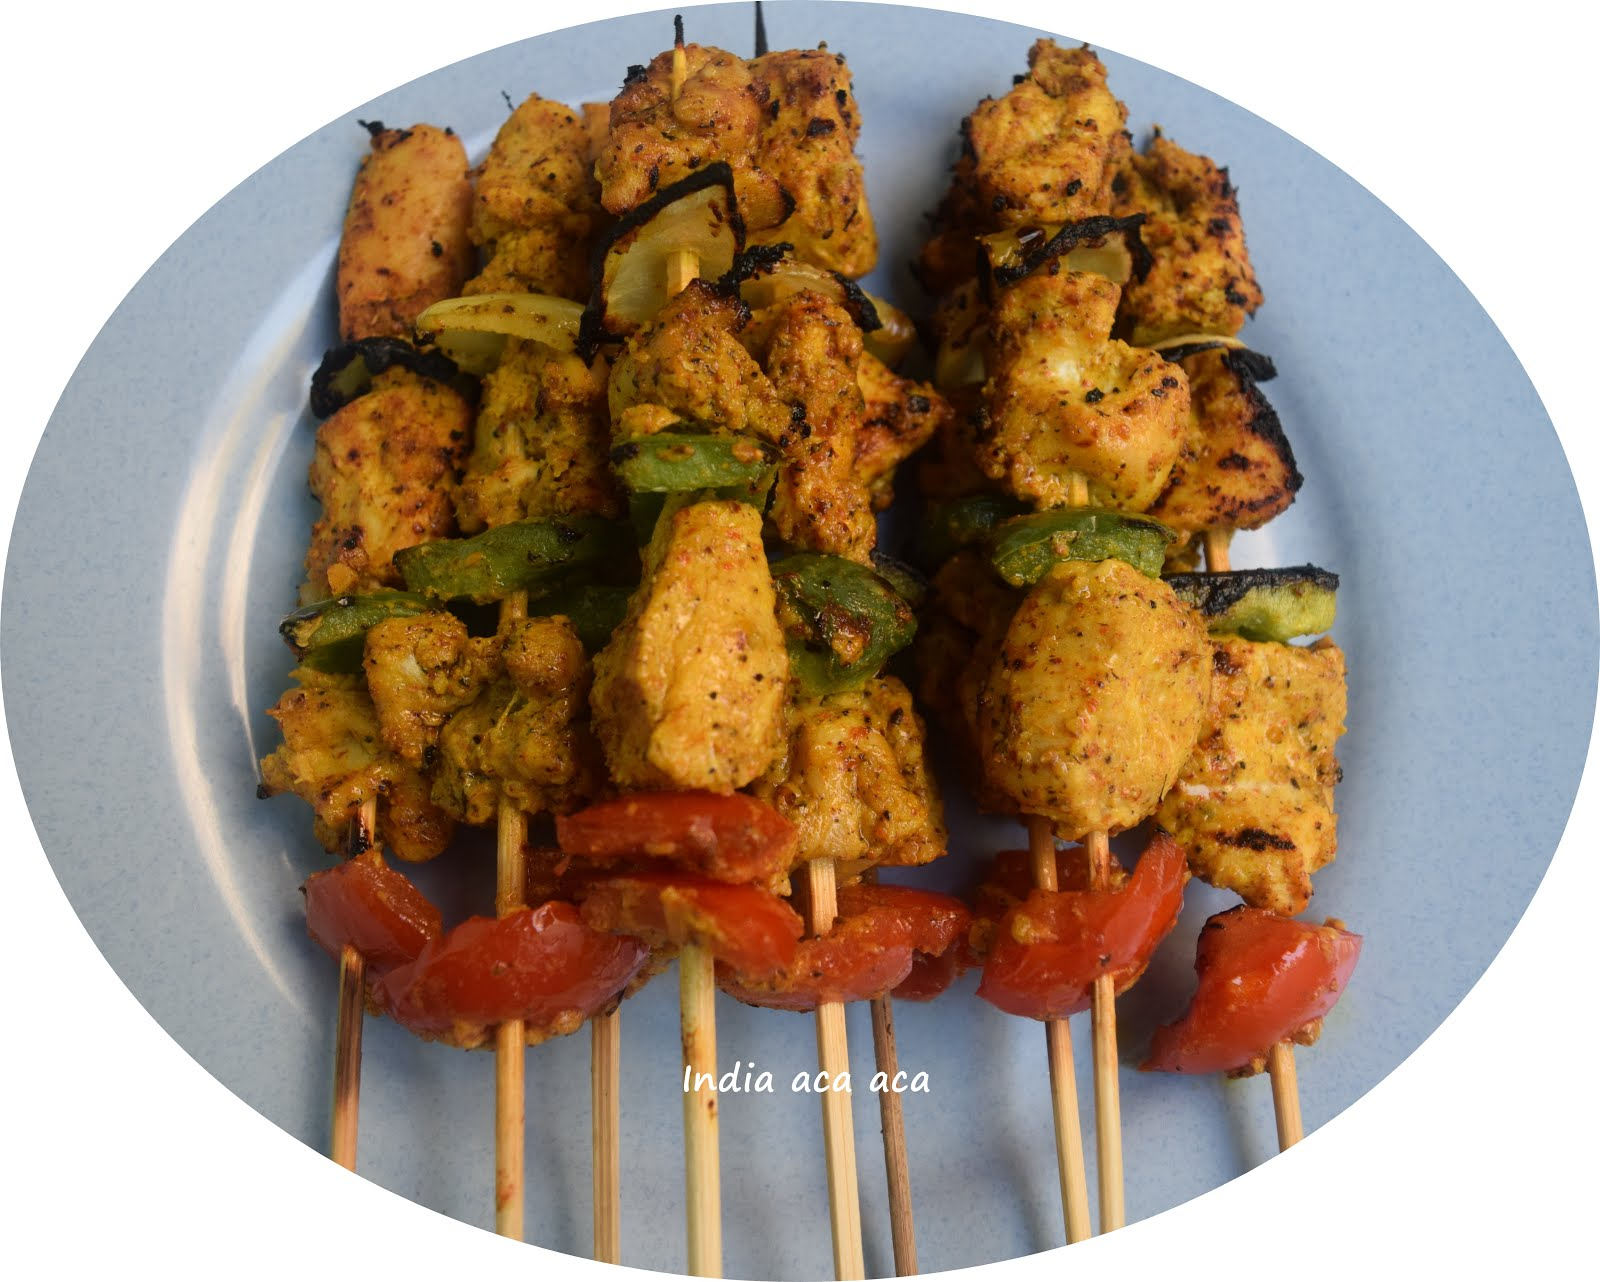 Aneka Kuliner Khas India